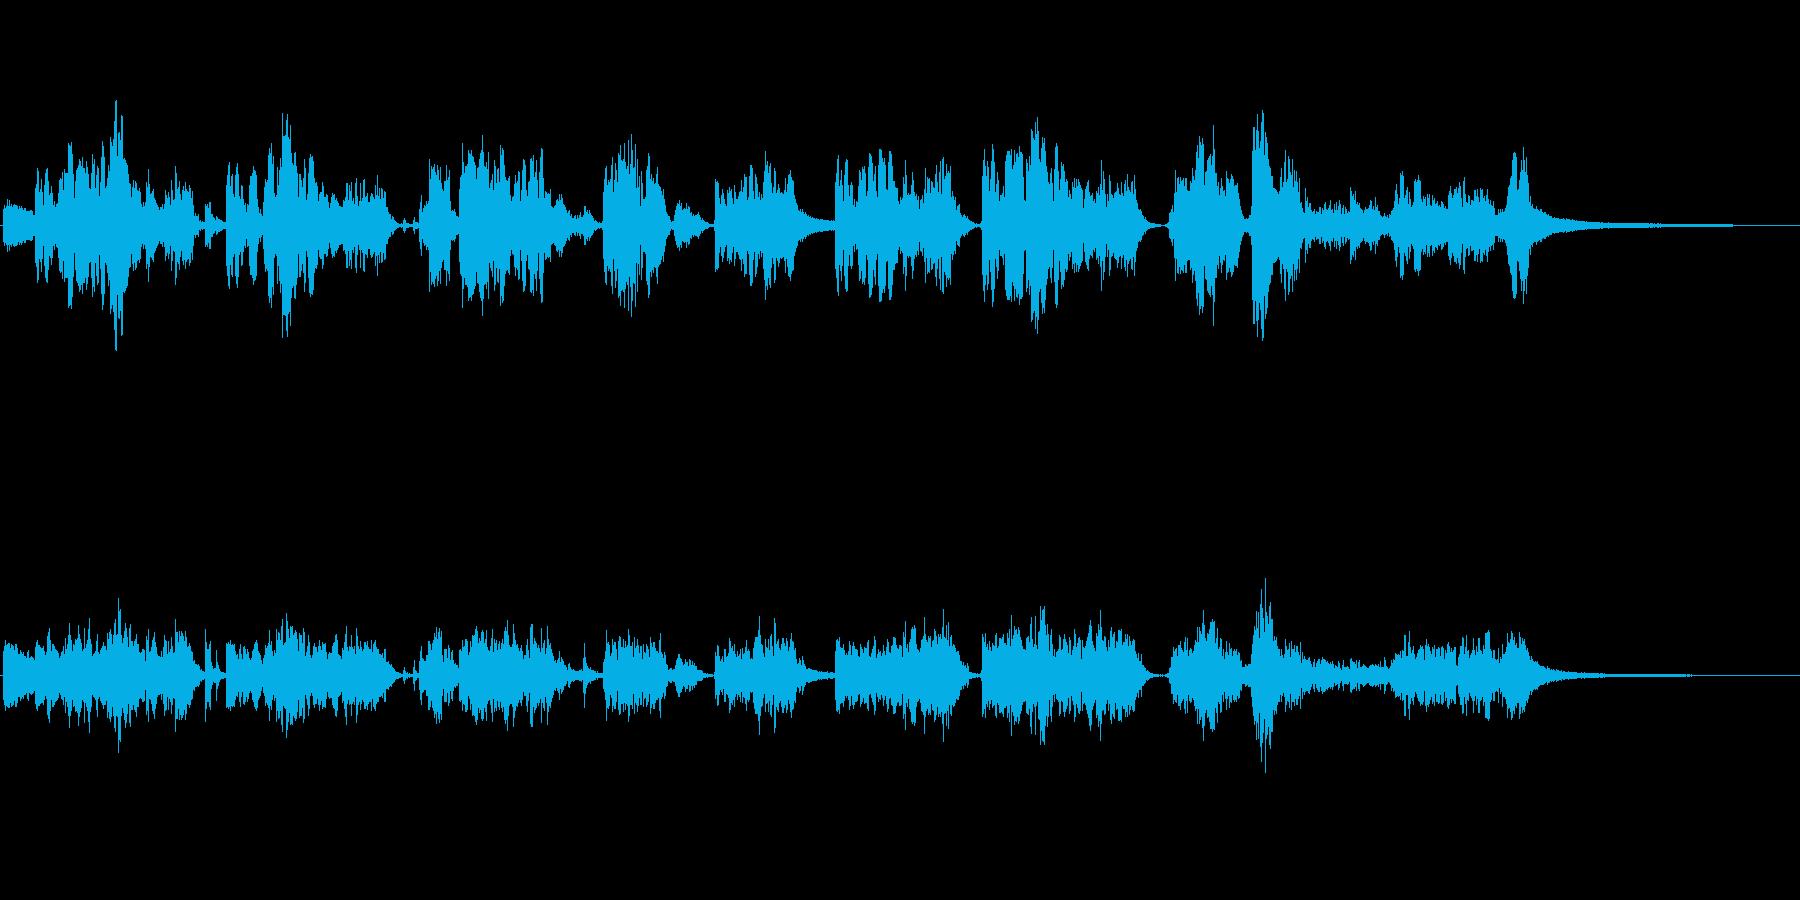 情緒深い中国民族音楽の再生済みの波形